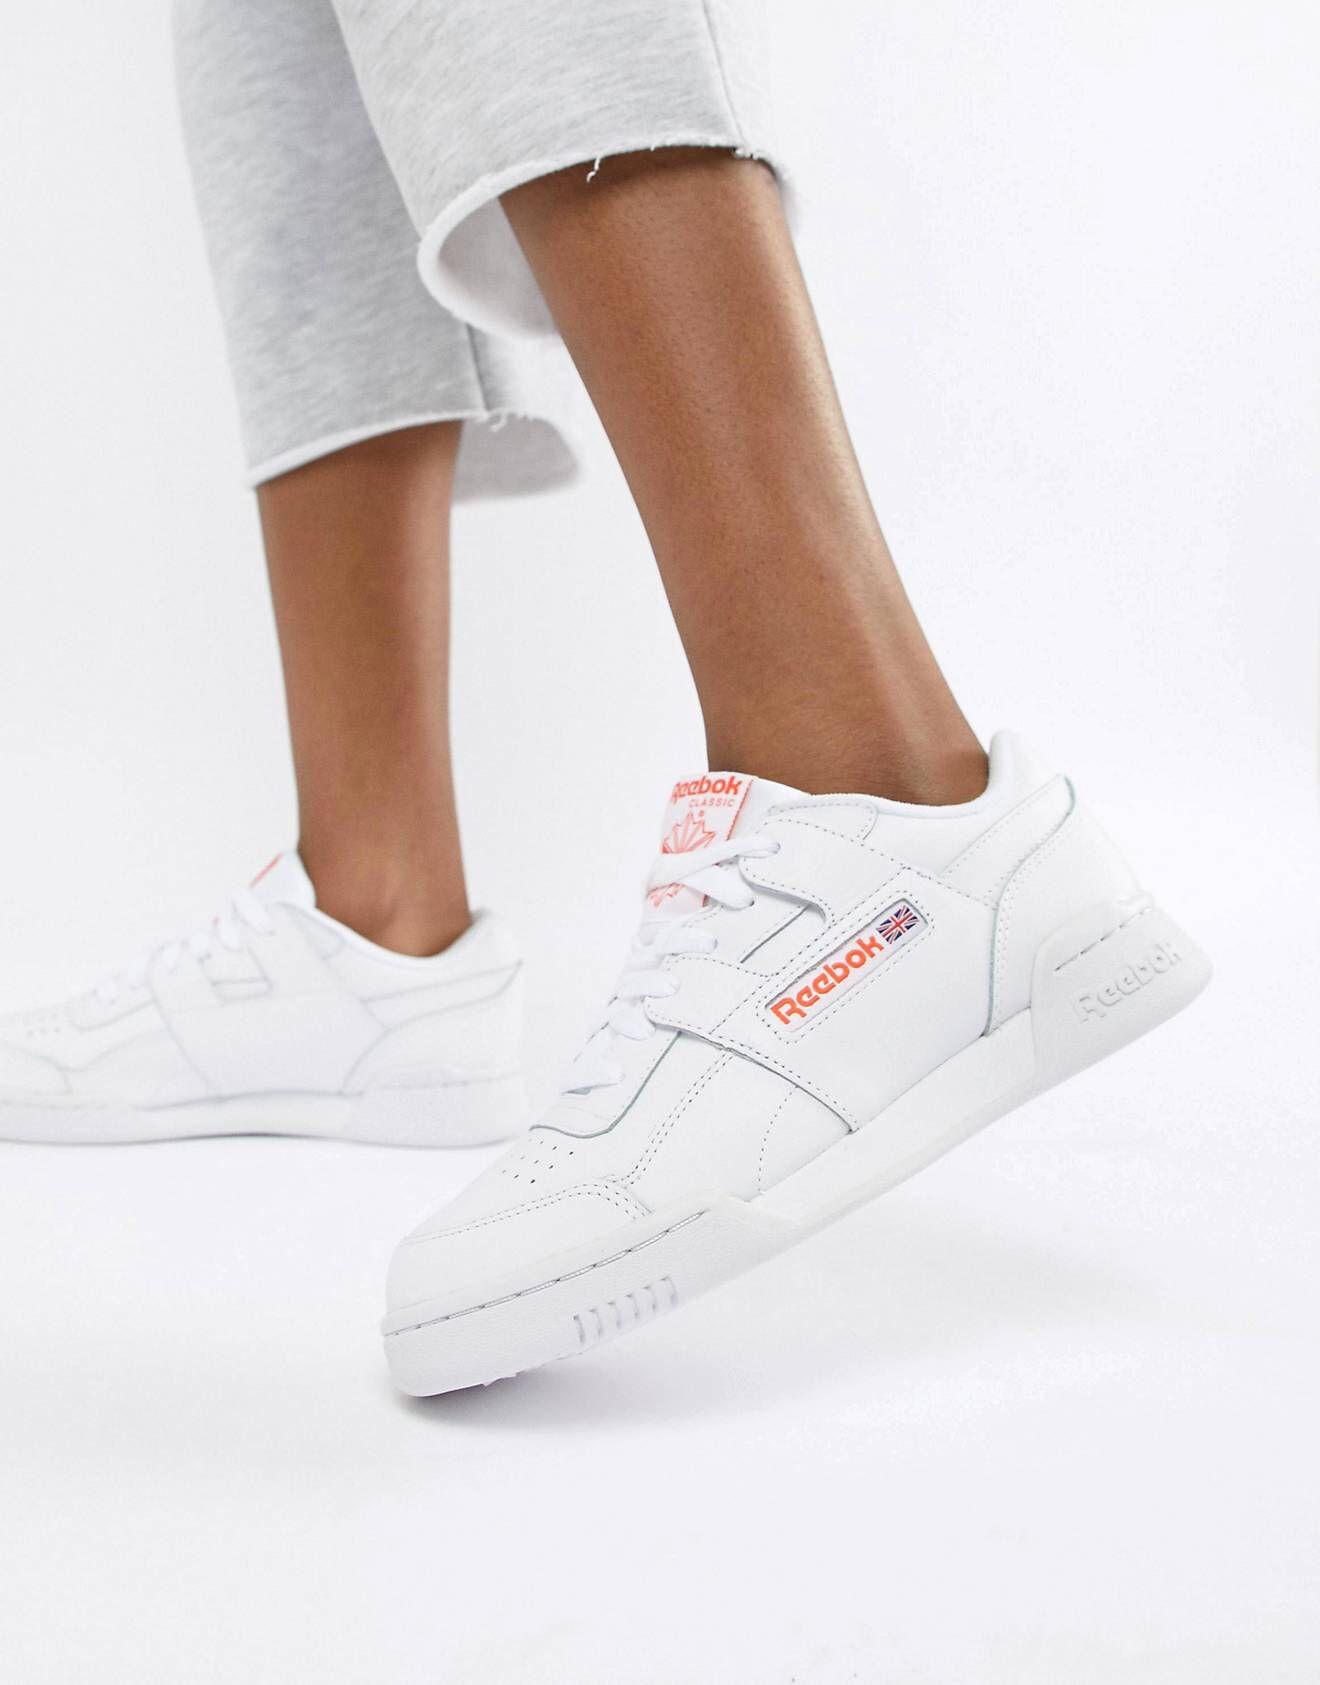 White sneakers women, Reebok workout